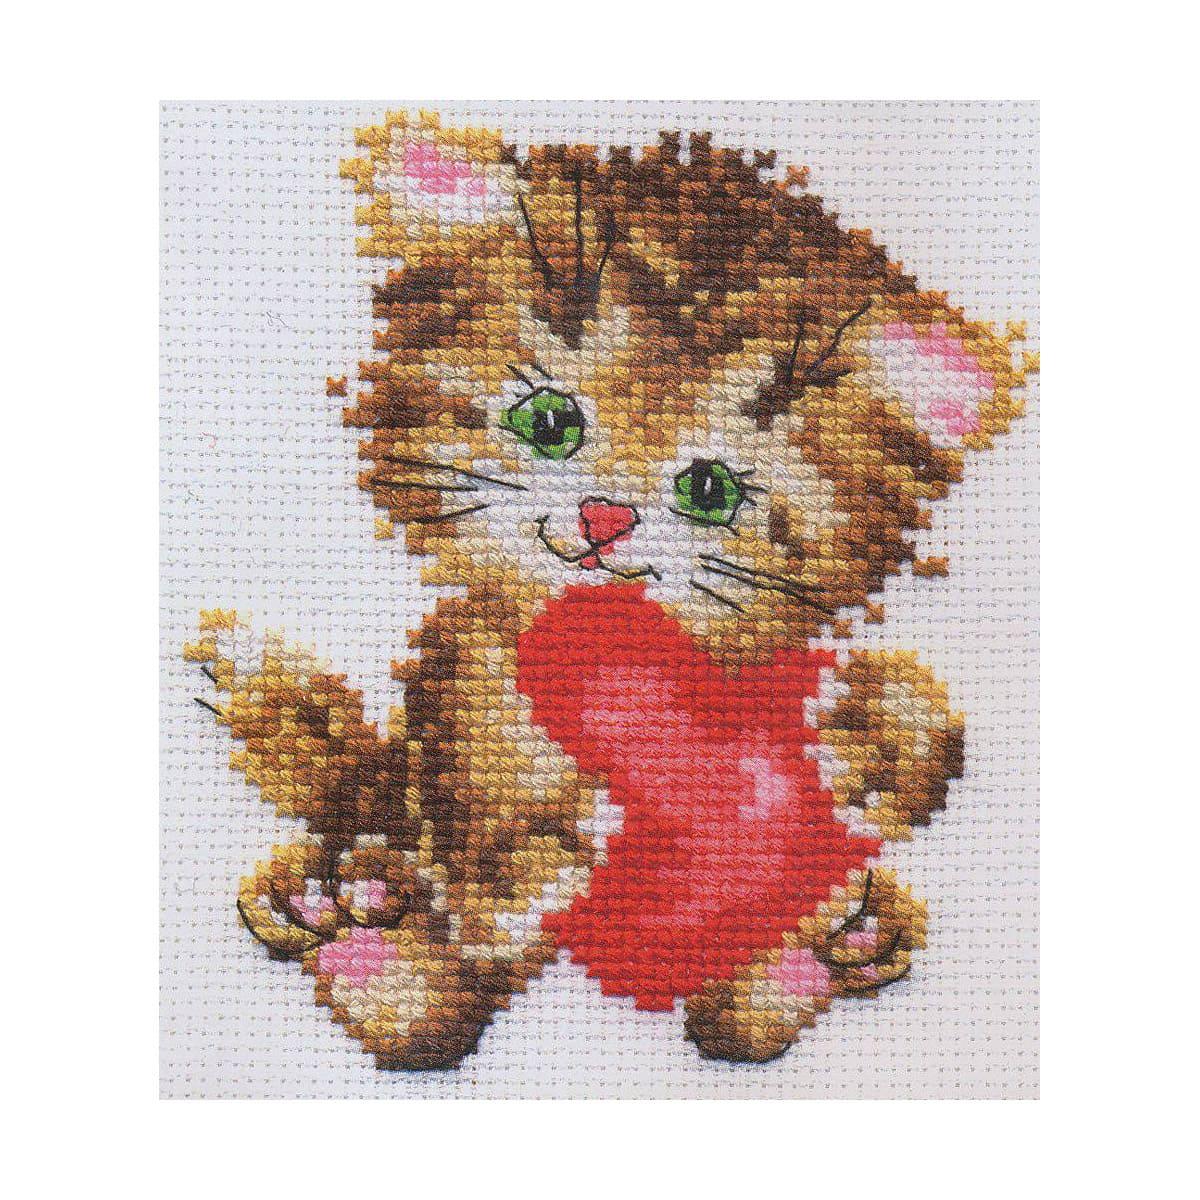 0-61 Набор для вышивания АЛИСА 'Любимая киска' 10*11см